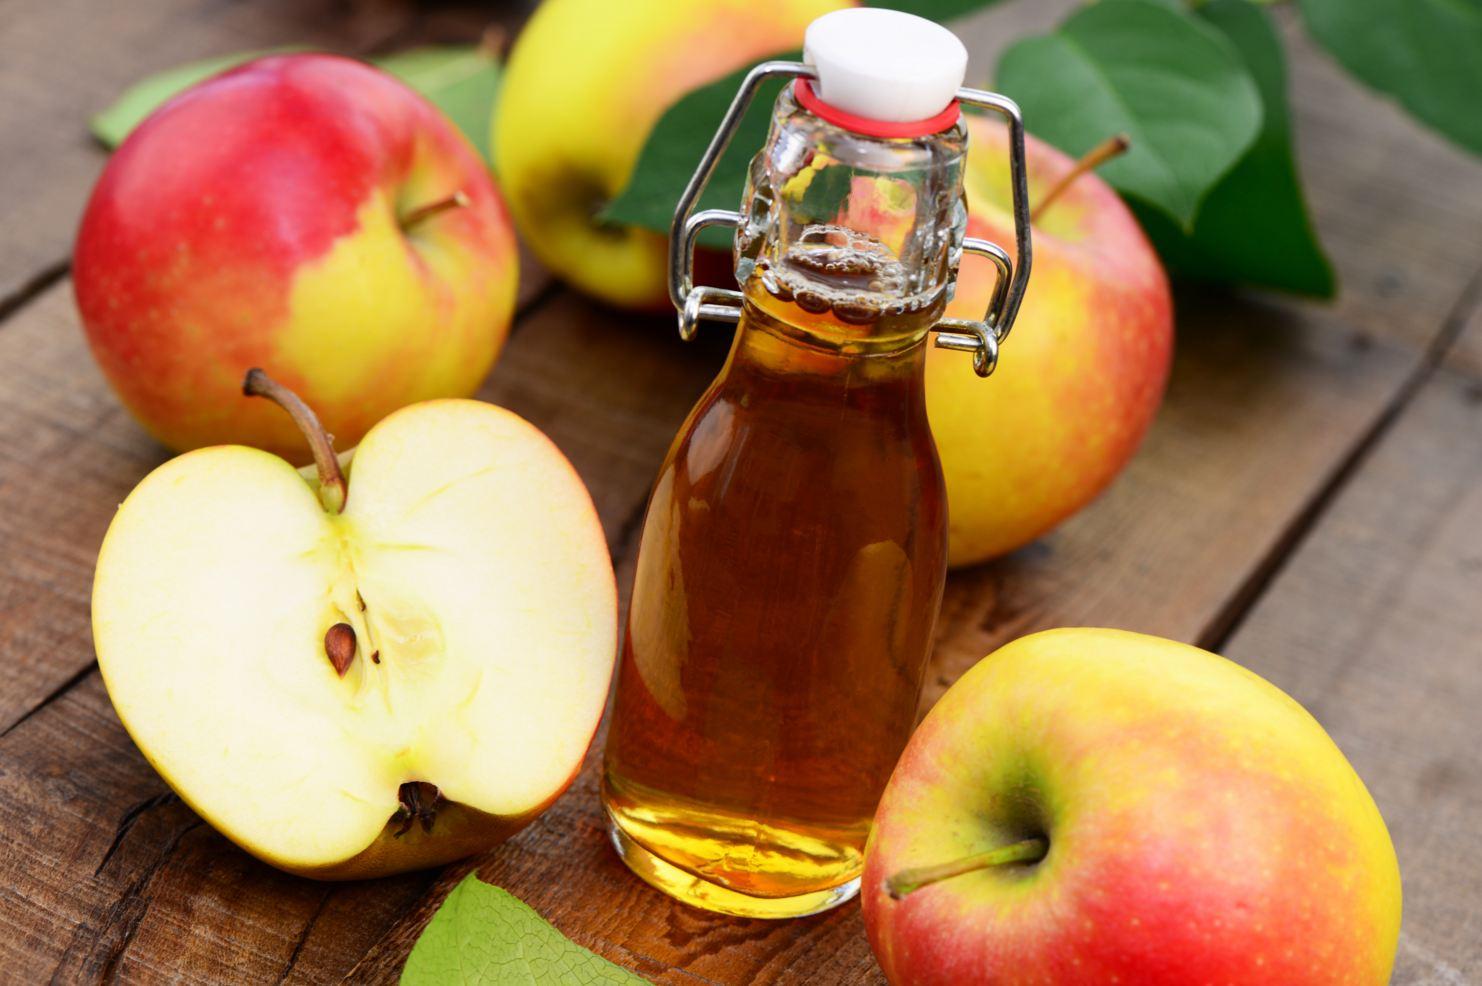 زيت جوز الهند وخل التفاح